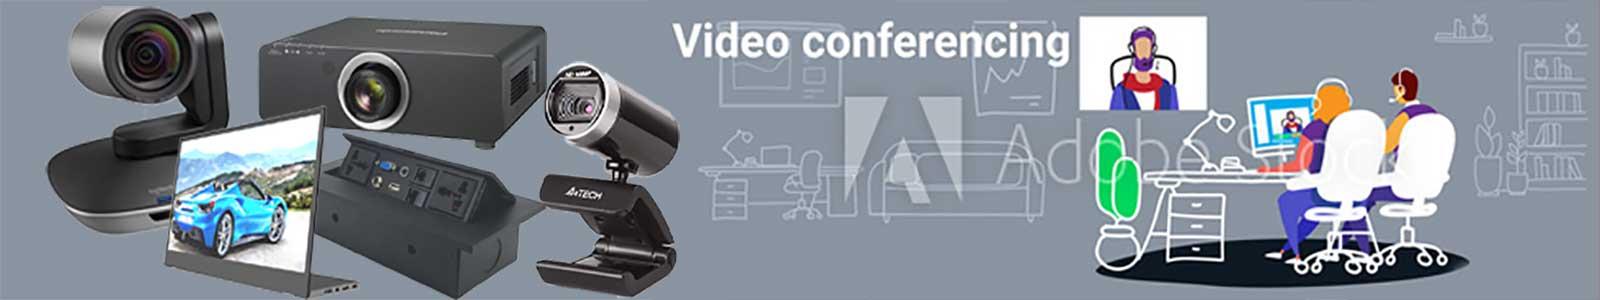 تجهیزات-تصویری کنفرانسی